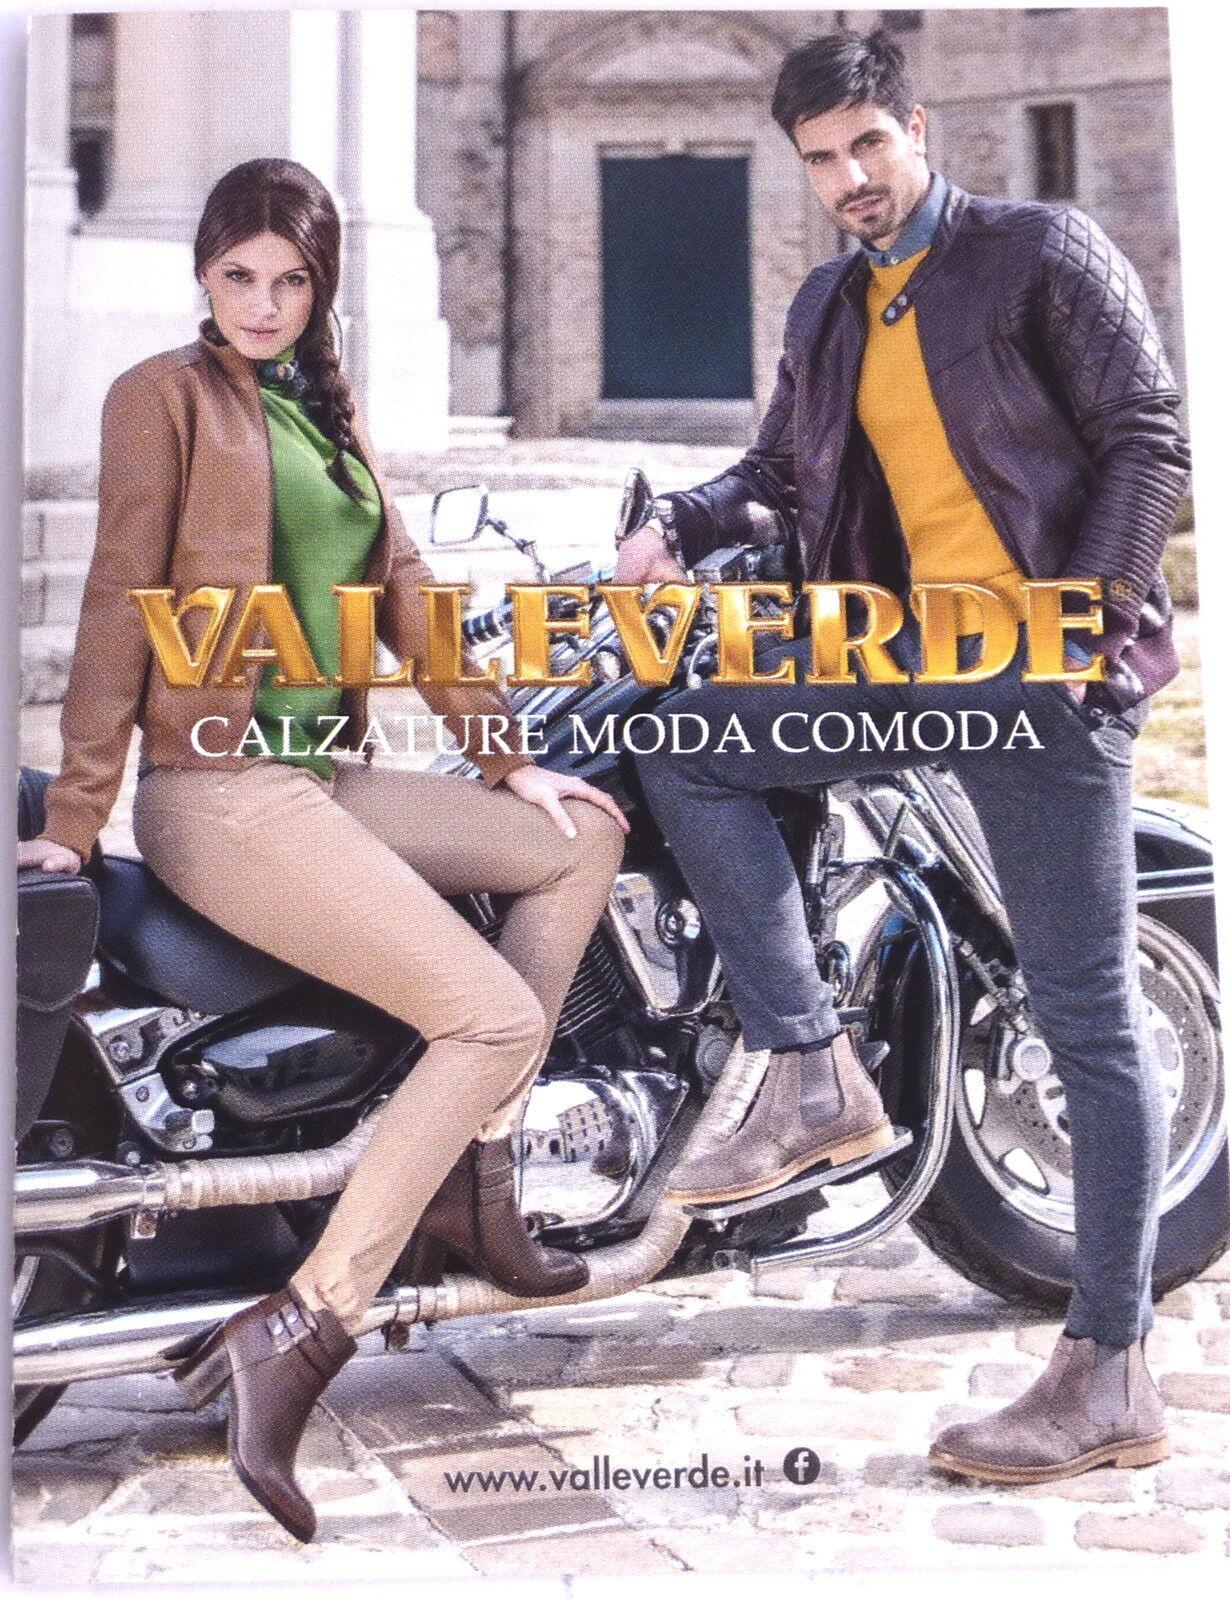 19601 VALLEVERDE TACCO STIVALETTI Damens TRONCHETTI IN PELLE NERO TACCO VALLEVERDE MEDIO n. 37 f017c0